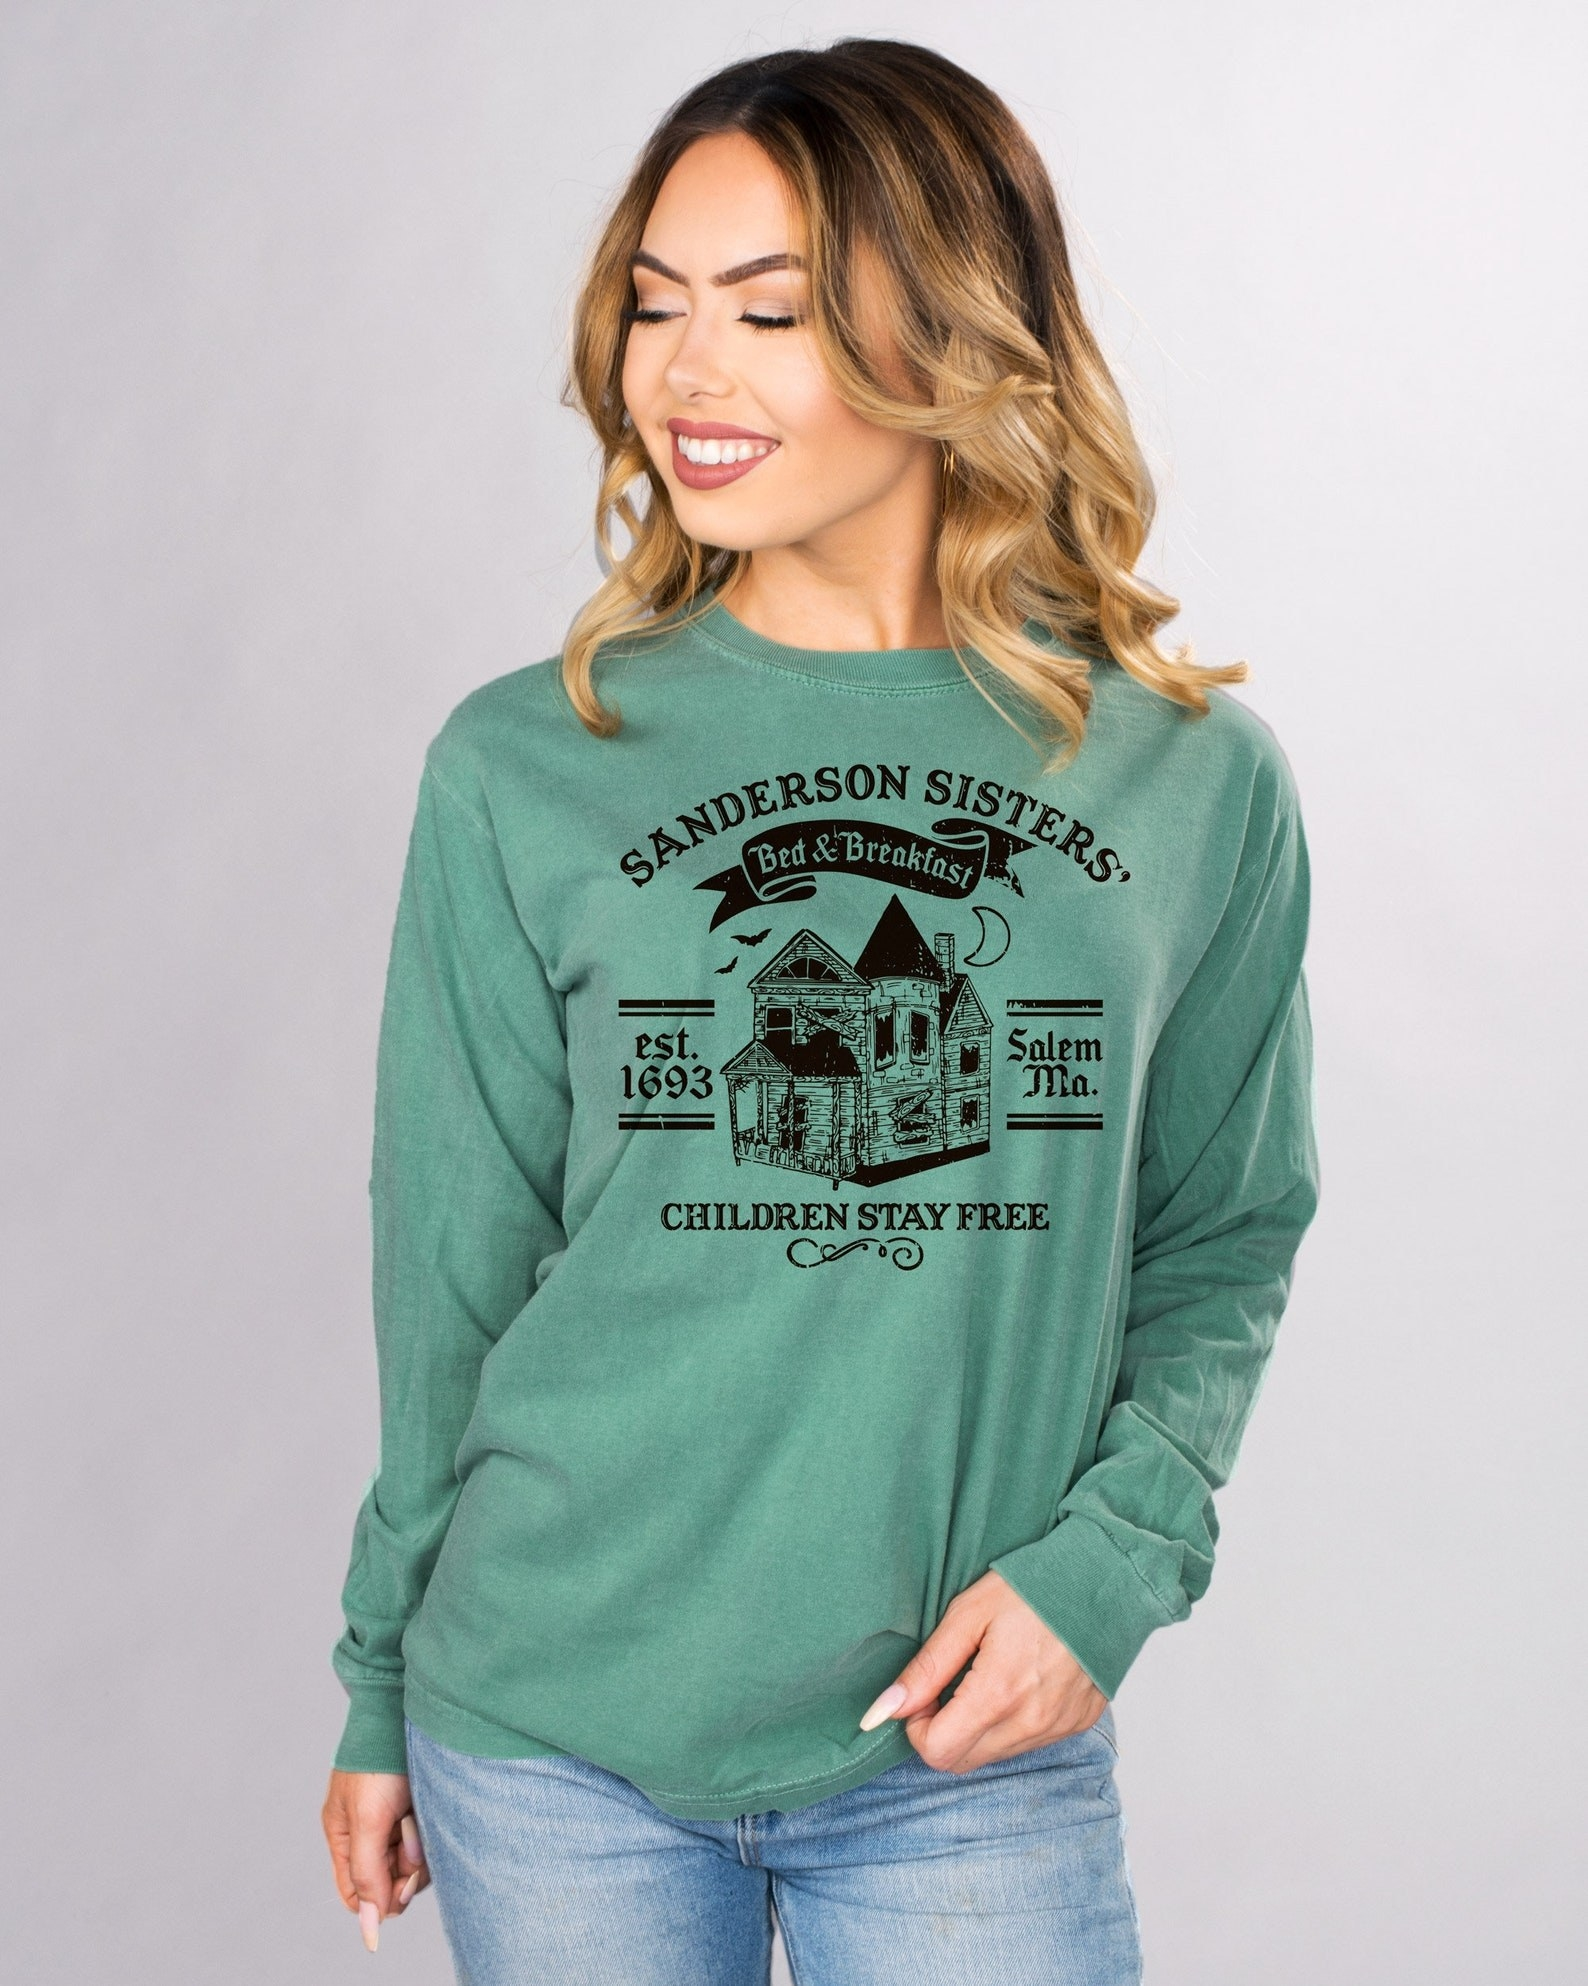 Model wearing green sweatshirt